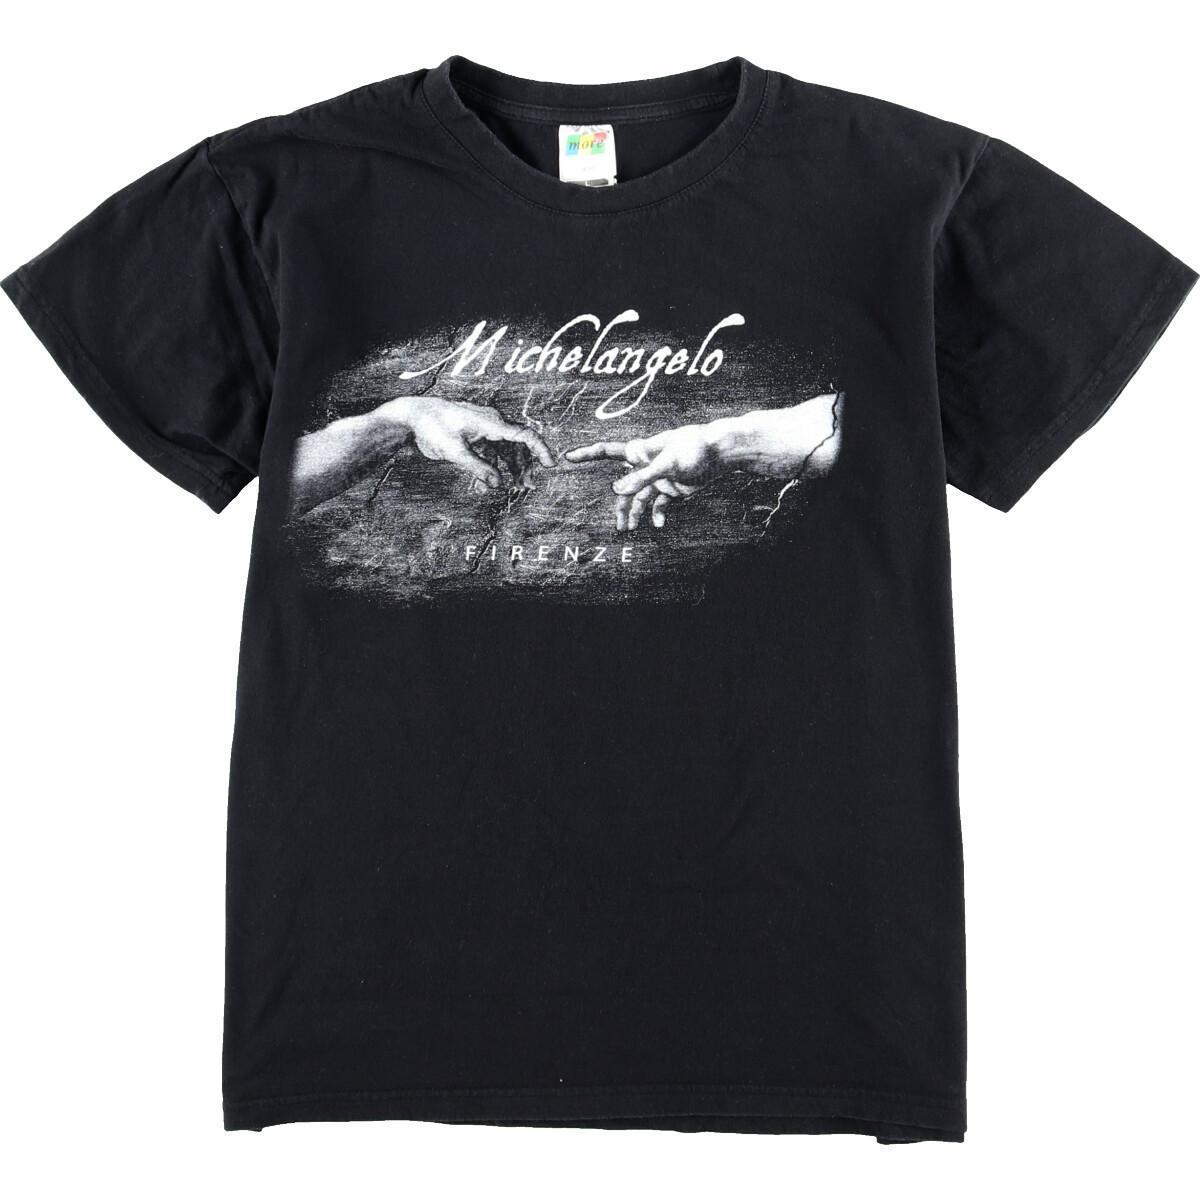 90年代 MORE ミケランジェロ アダムの創造 アートTシャツ メンズM ヴィンテージ グラフィックTシャツ /eaa020434 【中古】 【200412】【SVTG】